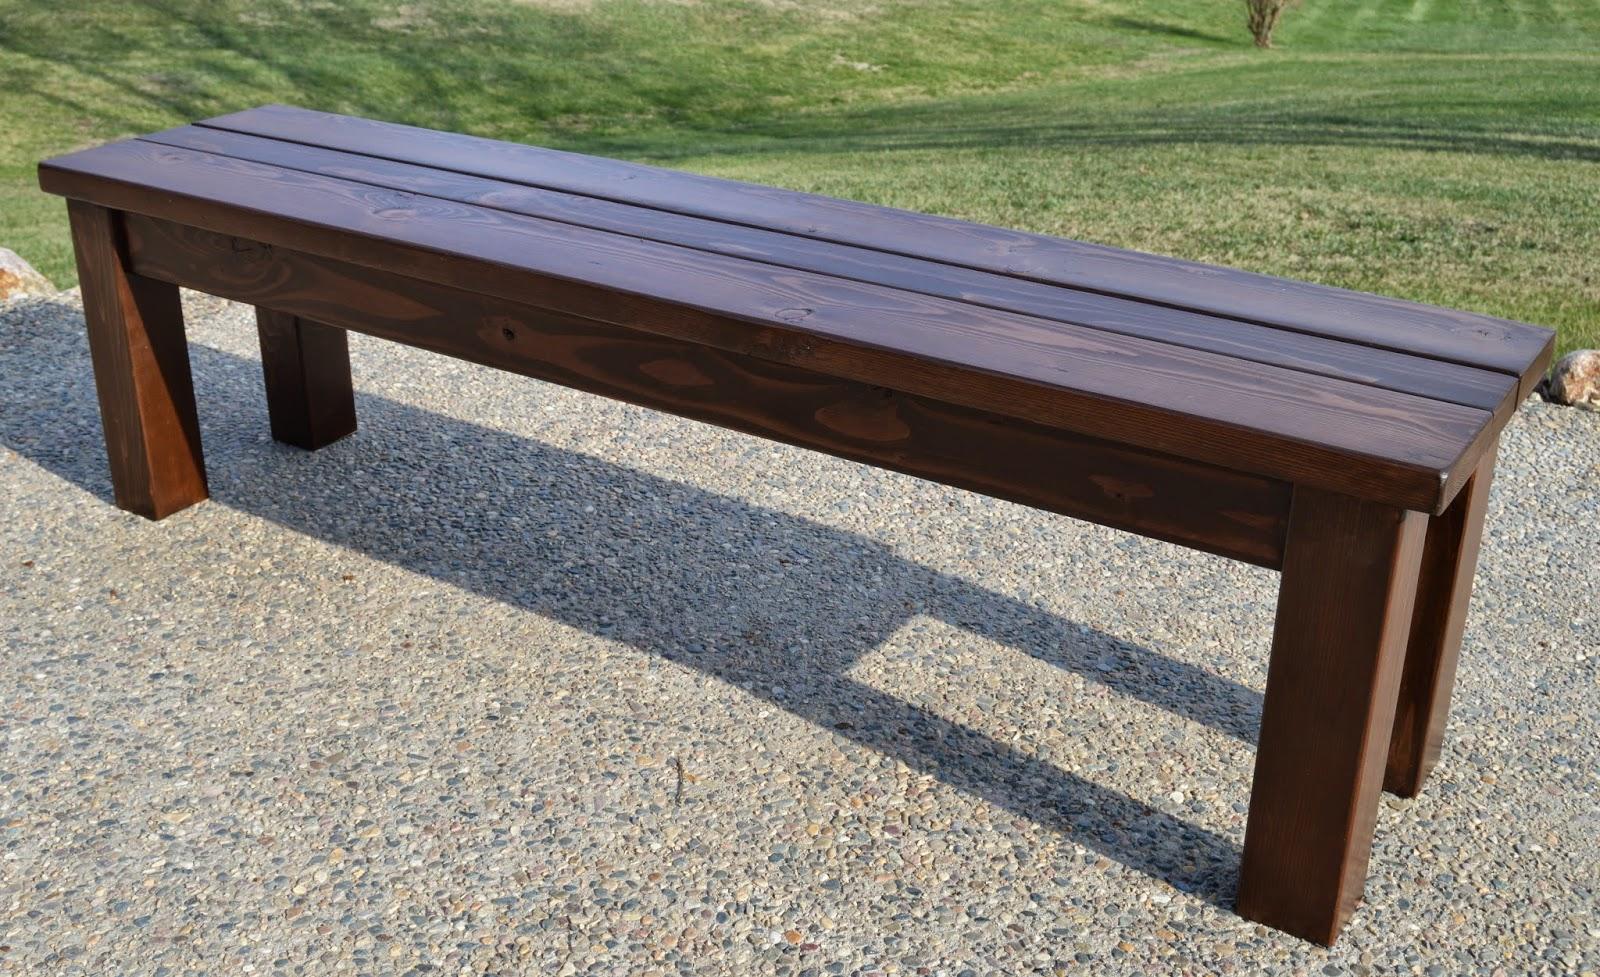 Kruse S Workshop Simple Indoor Outdoor Rustic Bench Plan